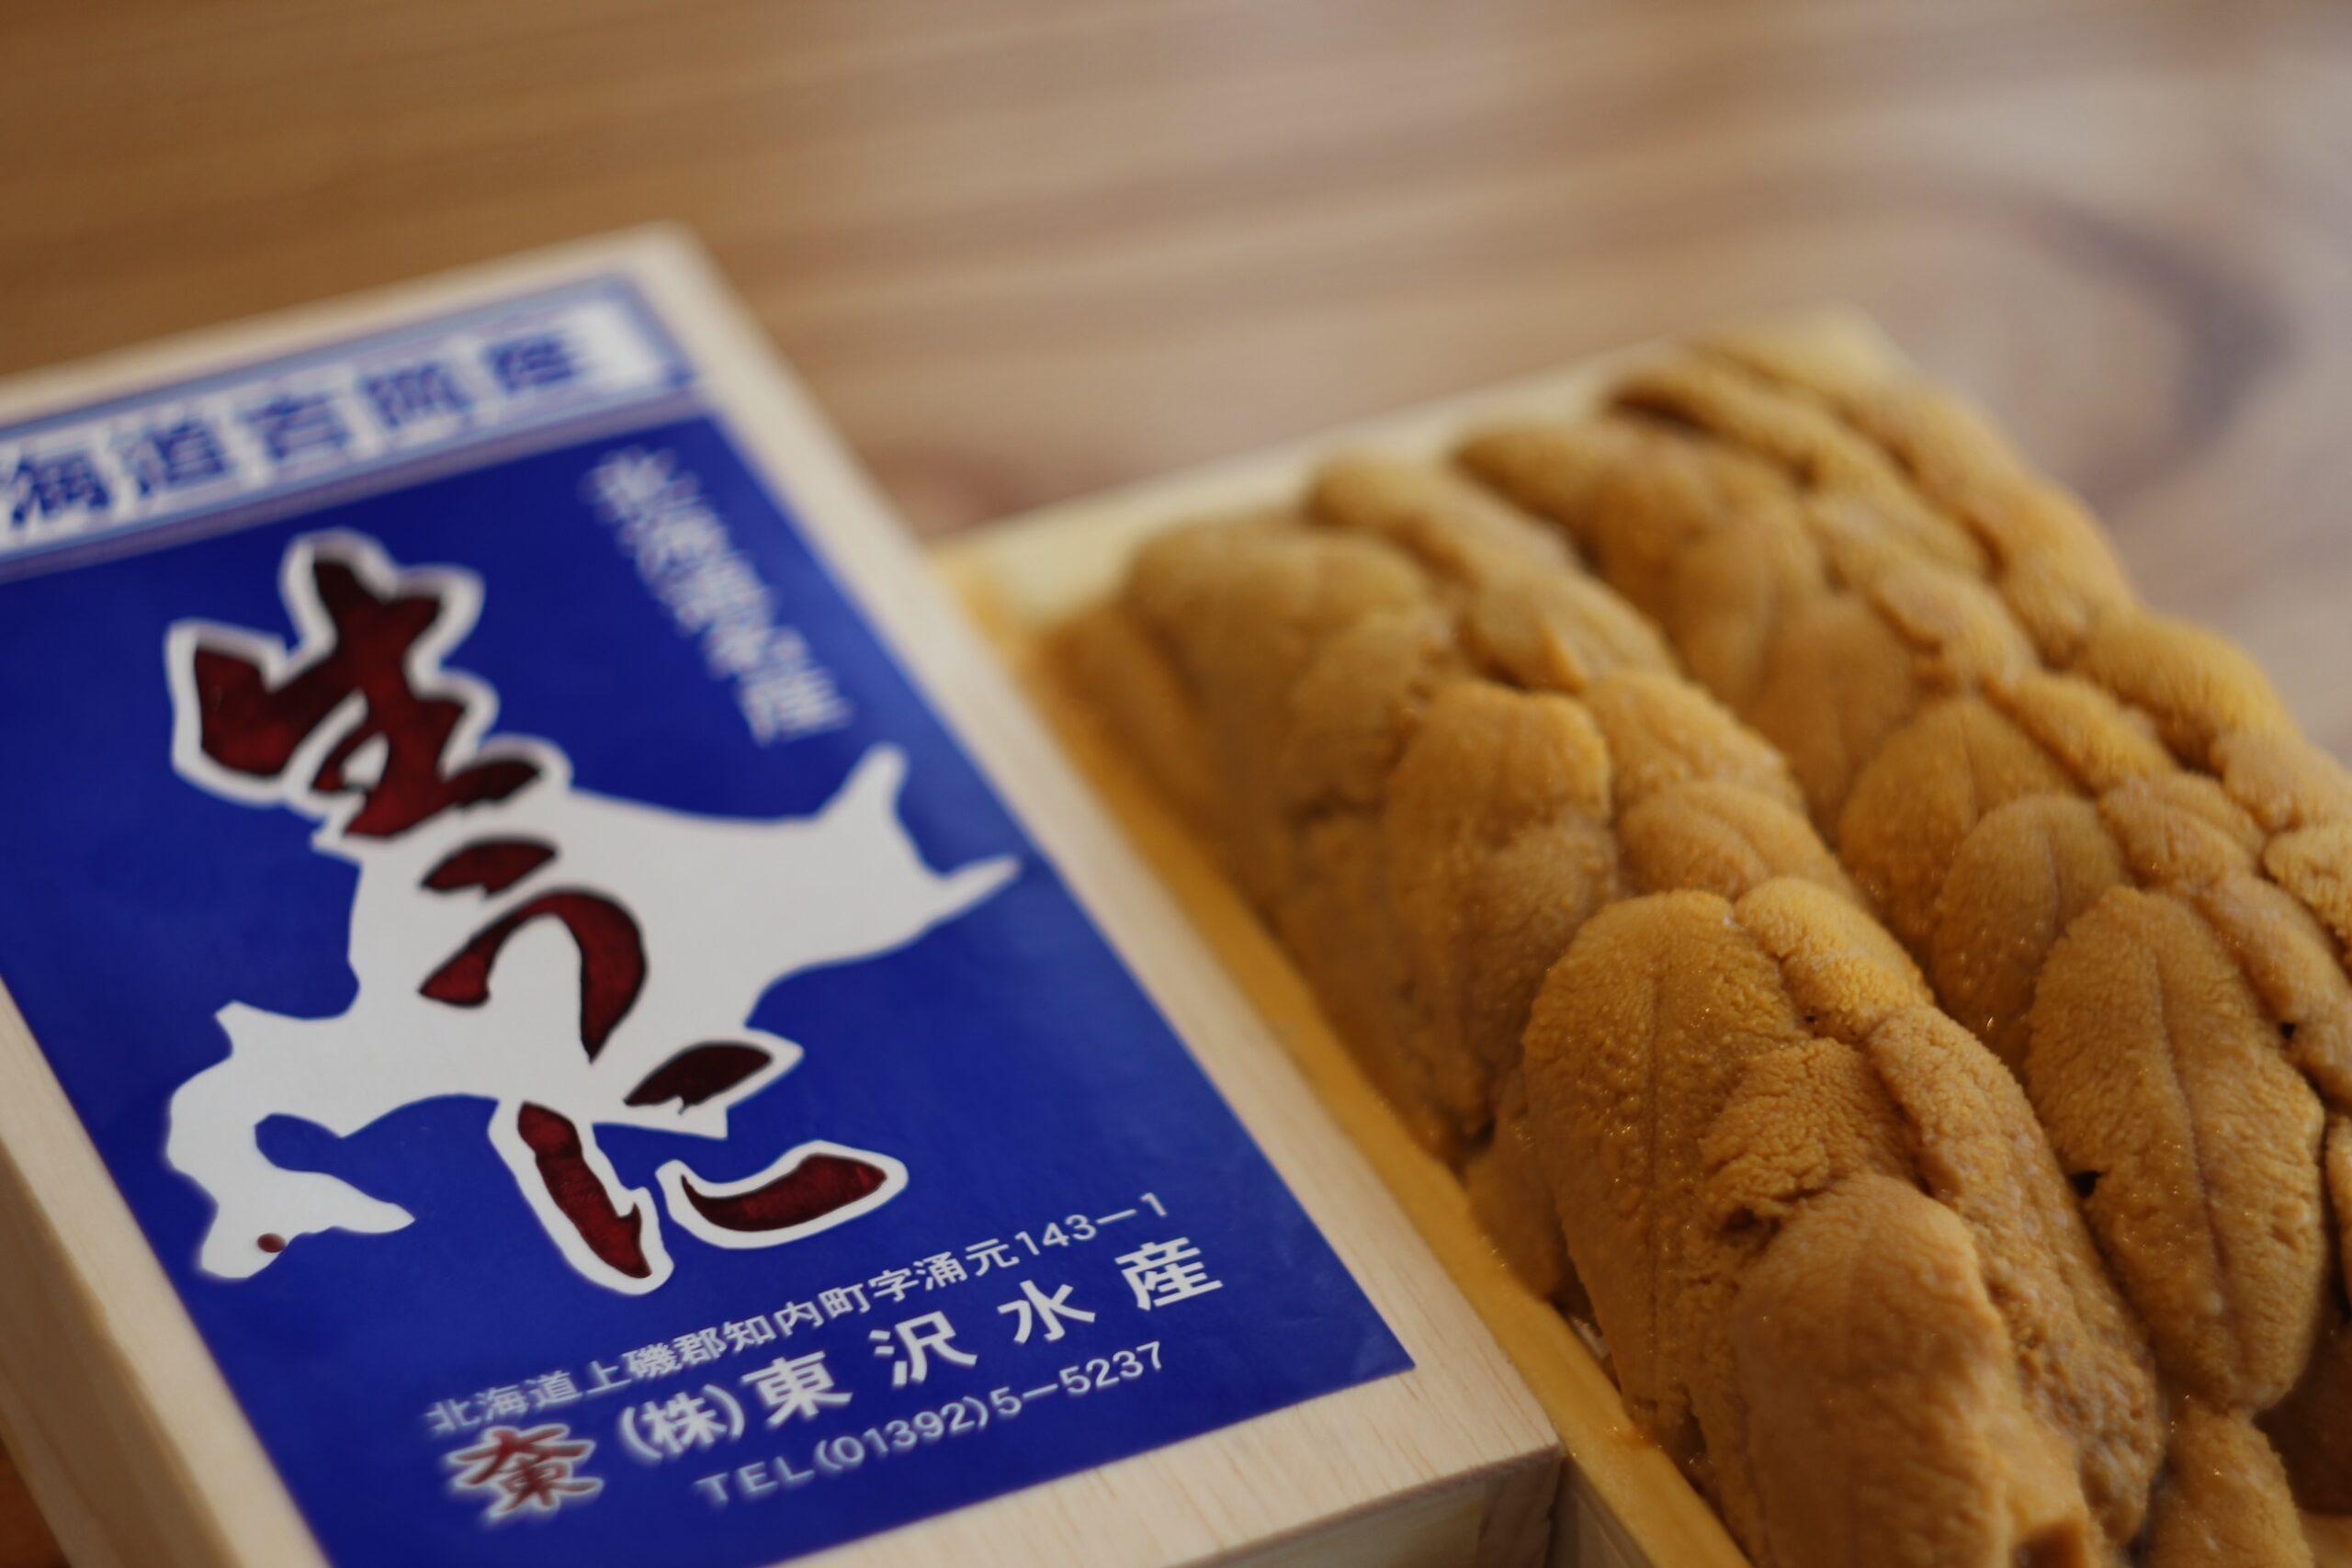 【すし割烹蘭亭】雲丹<p>ブランド雲丹として確立している 北海道 東沢水産より、 極上の生雲丹を入荷しております。 粒の美しさ・大きさもさることながら、 口に含んだ瞬間に広がる、 雲丹ならではの上品な甘みと 余韻の長さ、濃厚でクリーミーな舌触りは […]</p>